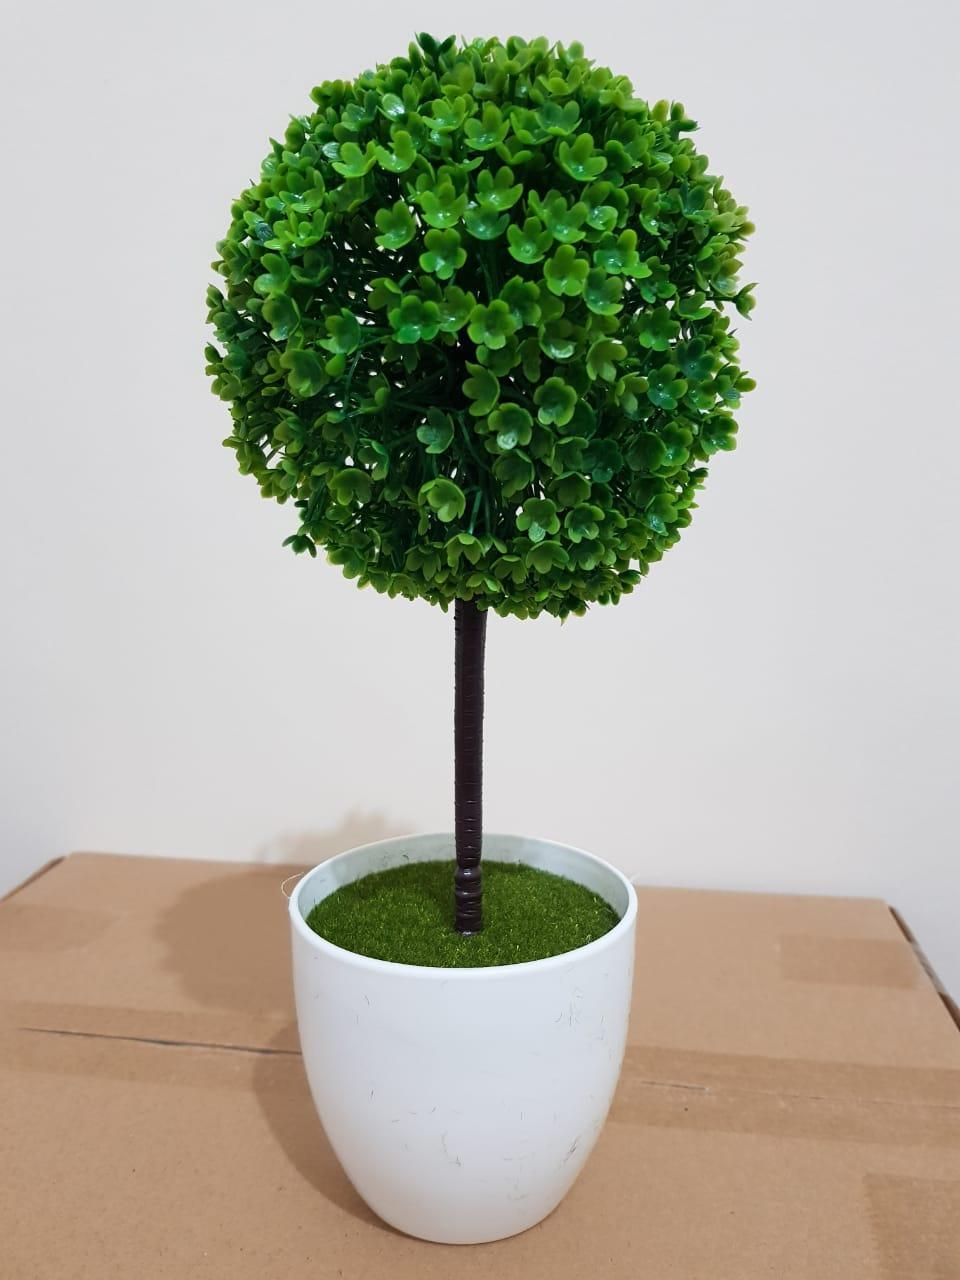 Pohon Musim Semi Pohon Plastik Pohon Dekorasi ruangan Pohon Artifisial - Hijau